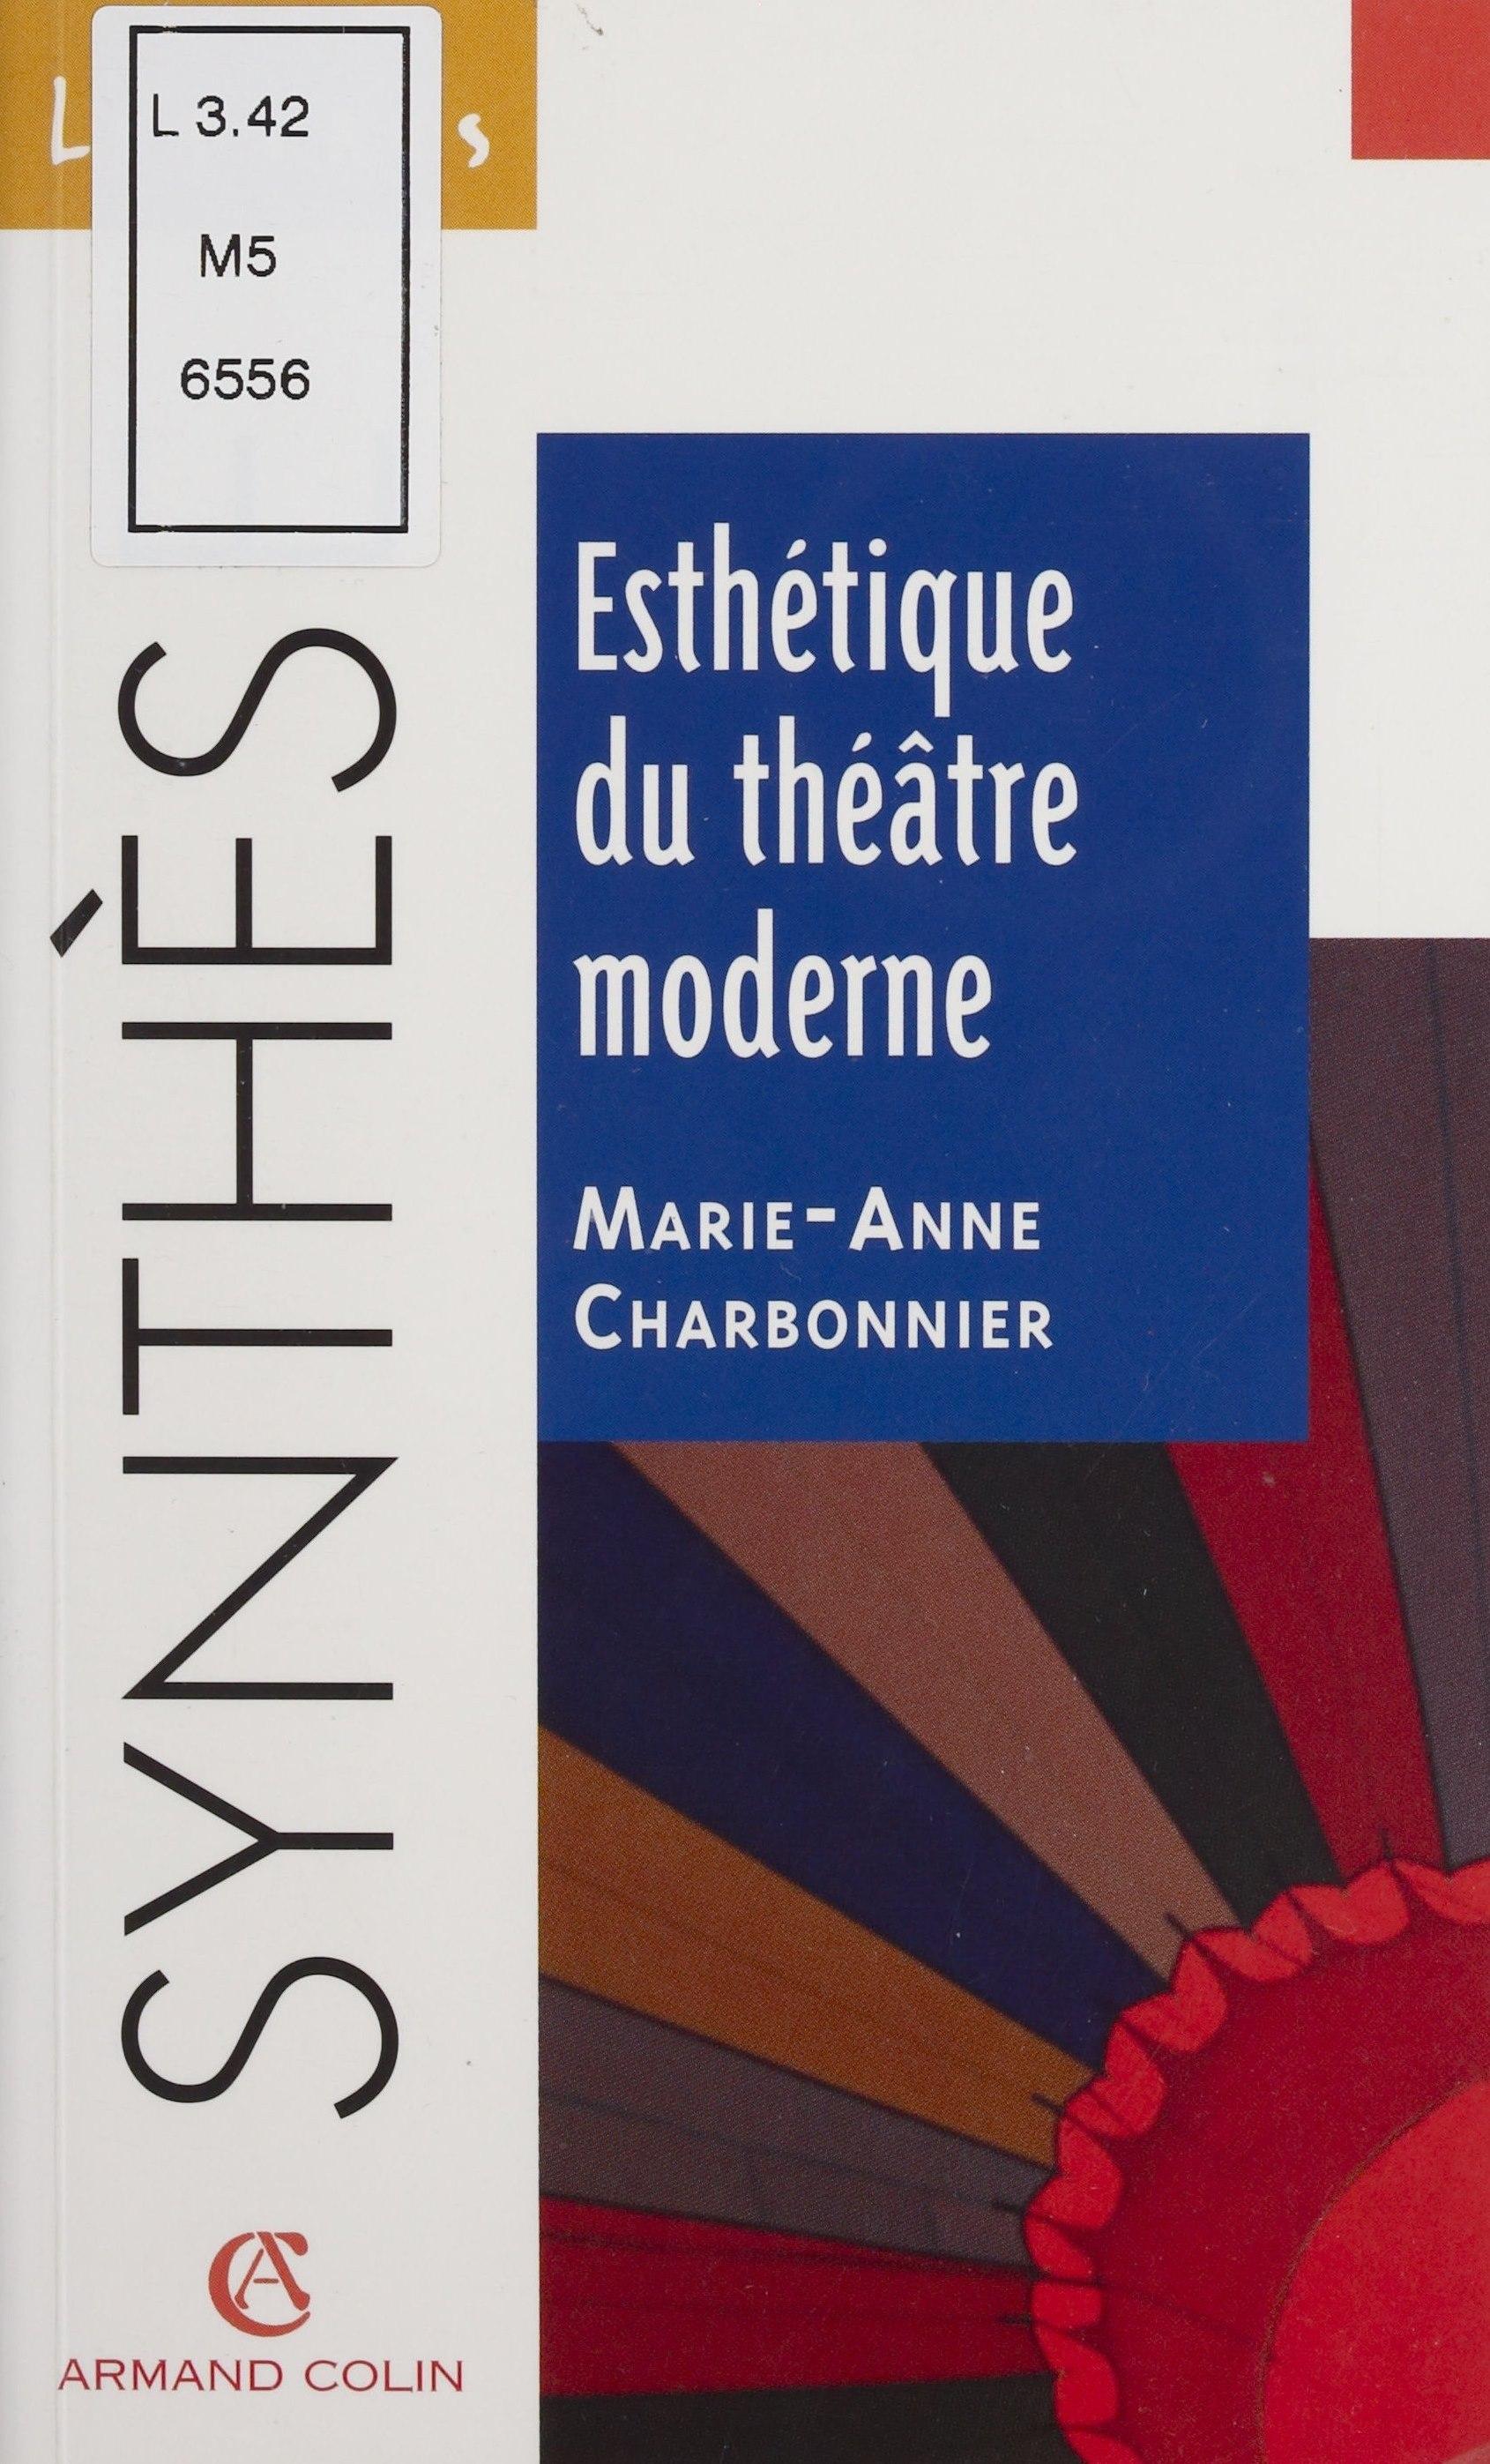 Esthétique du théâtre moderne